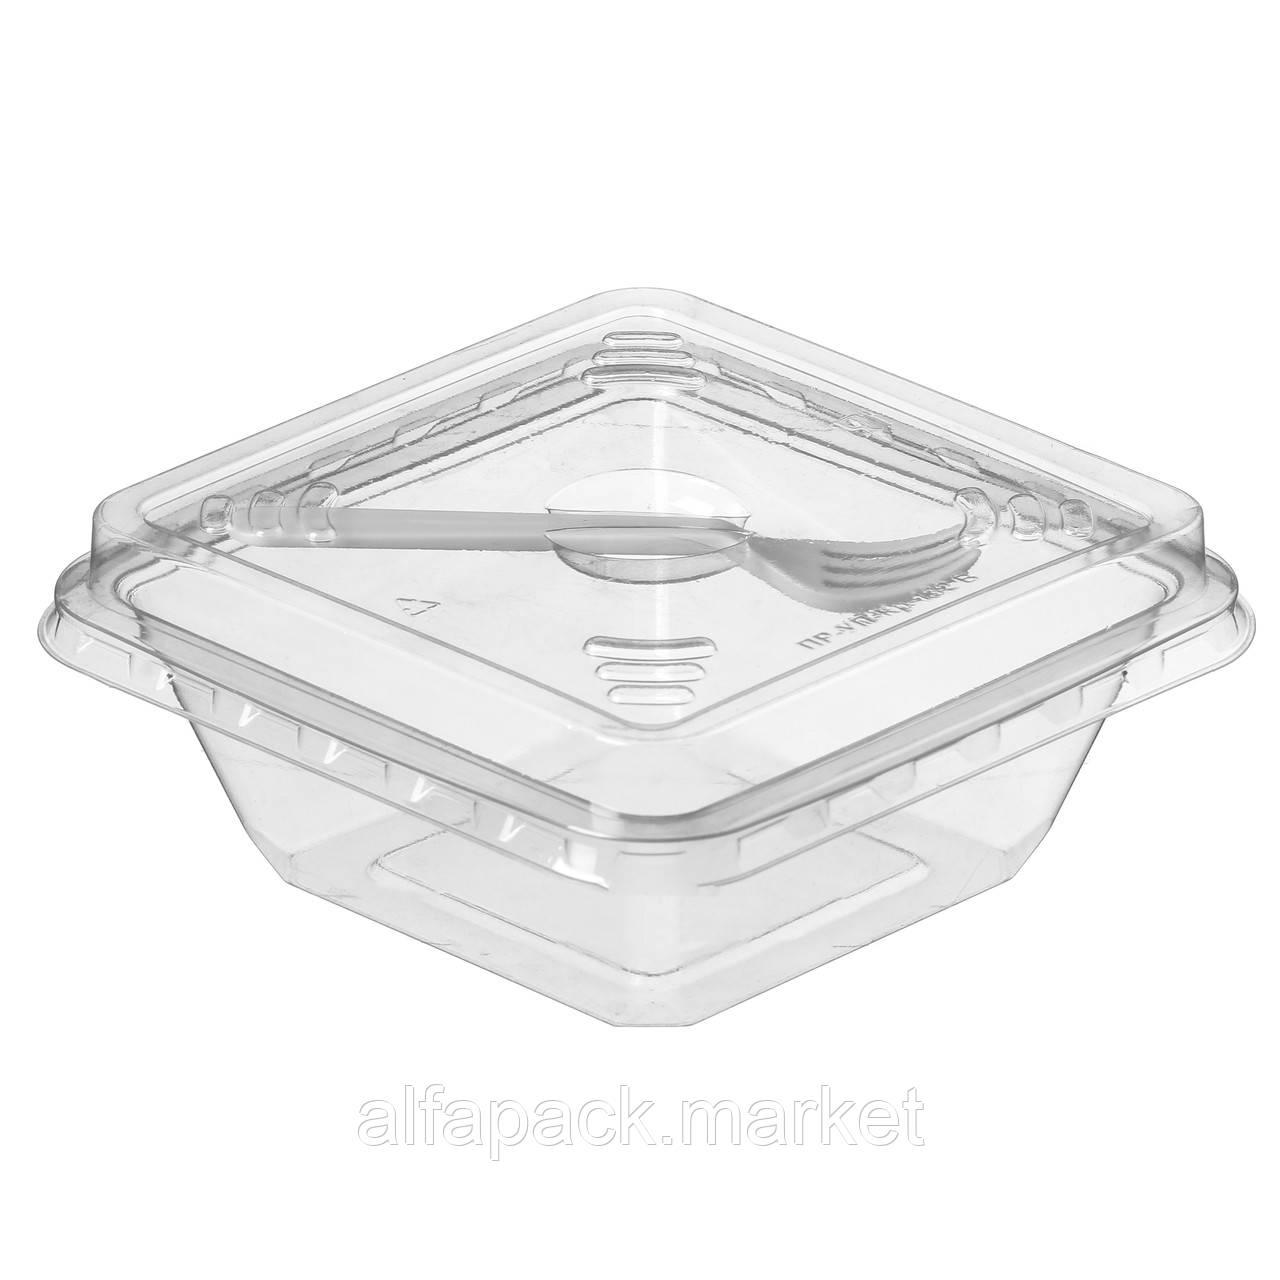 ПР-УП 132*45 Салатница (420 шт в упаковке) 010200021